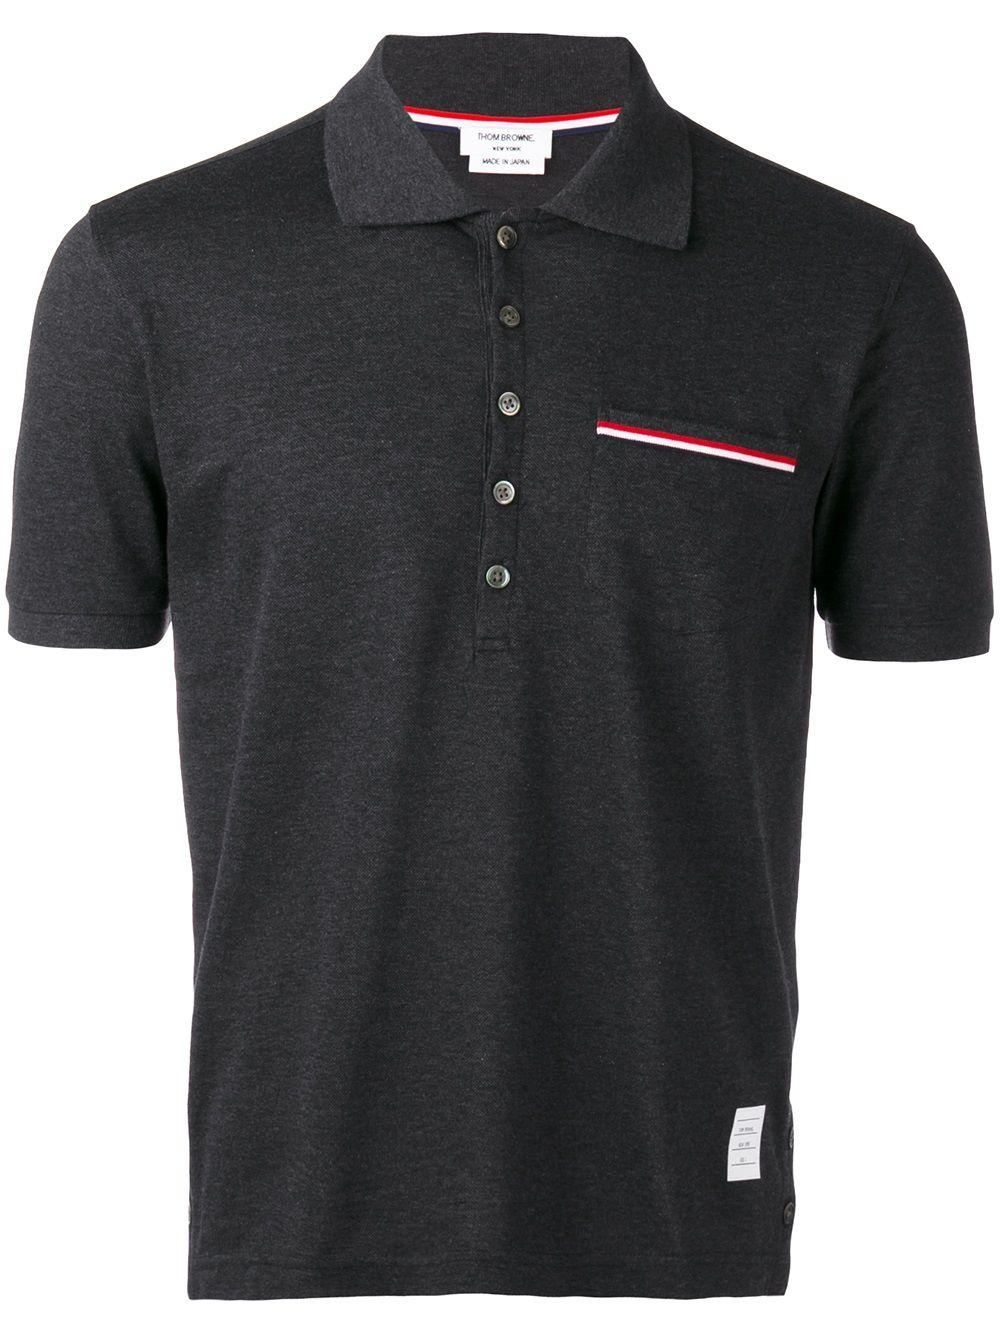 Thom Browne Poloshirt mit Brusttasche - Grau